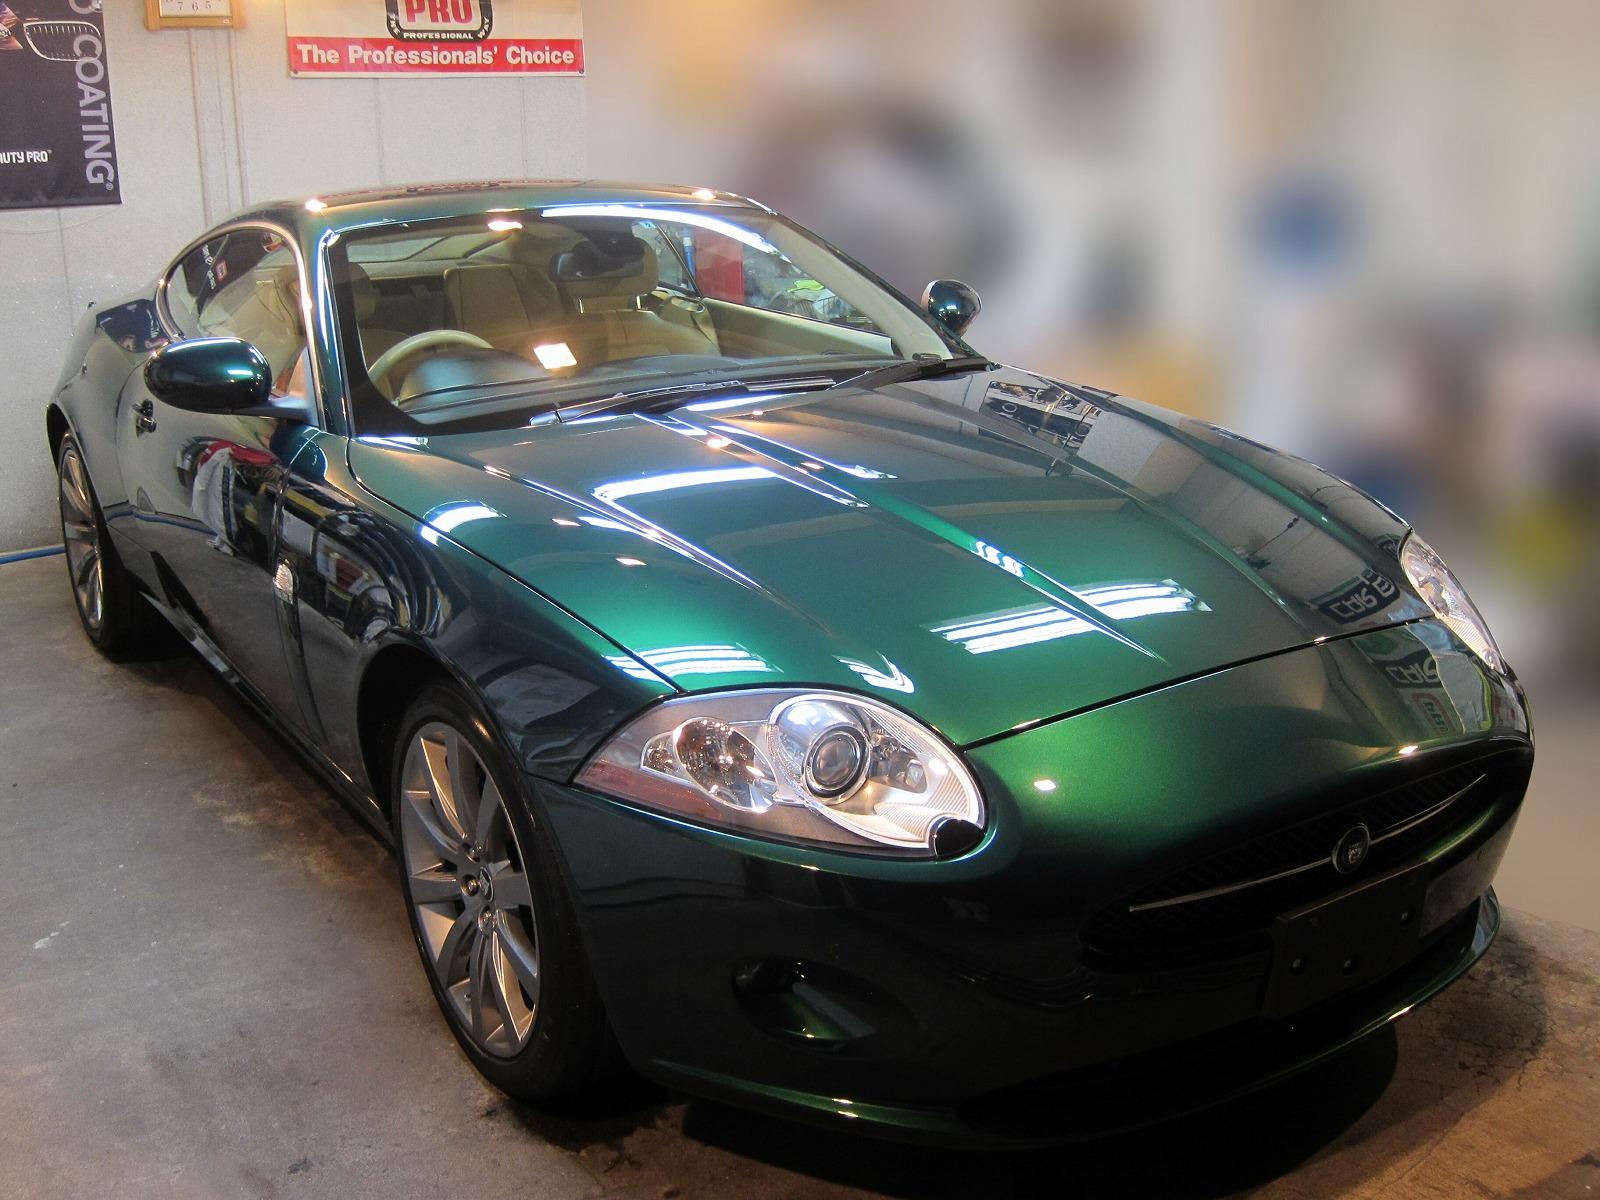 20160904-jaguar-xk-01